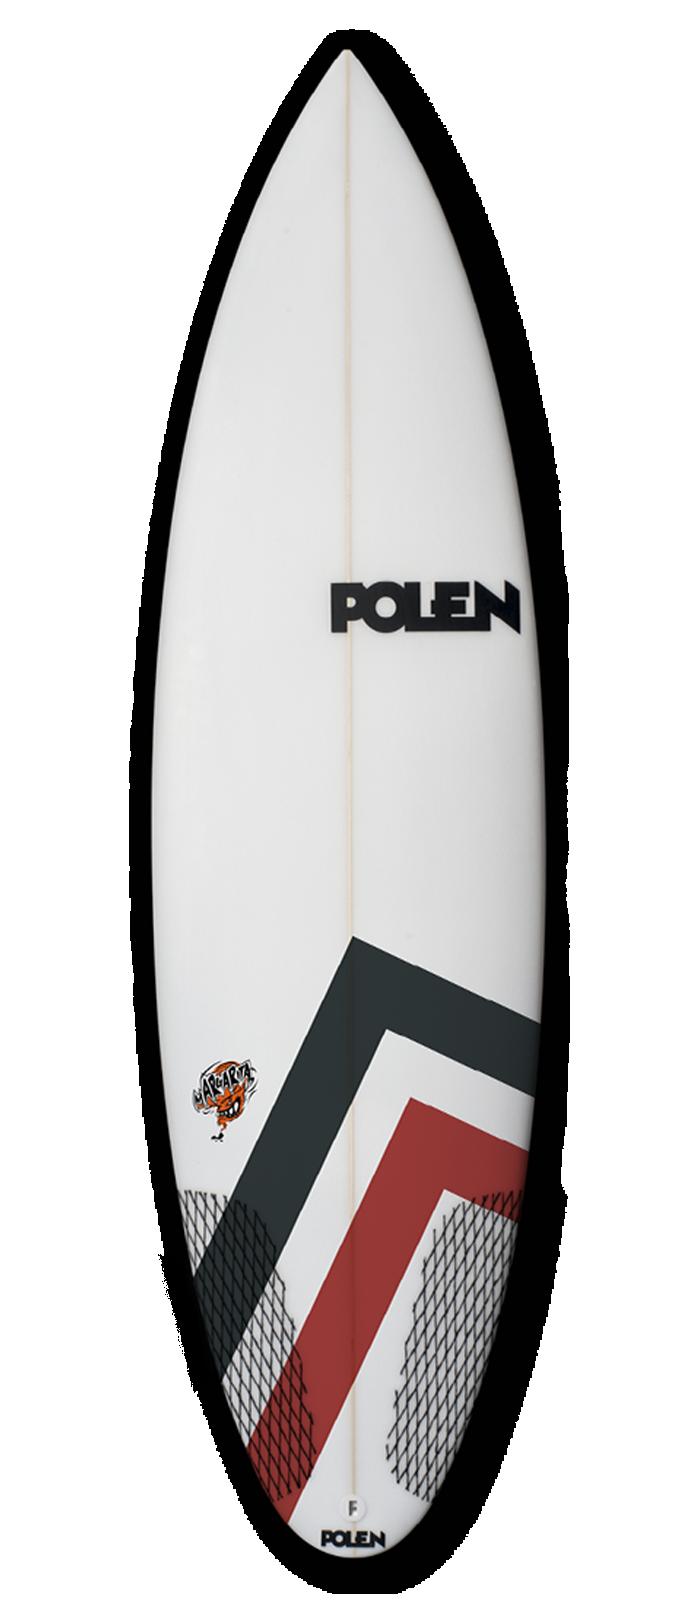 MARGARITA surfboard model